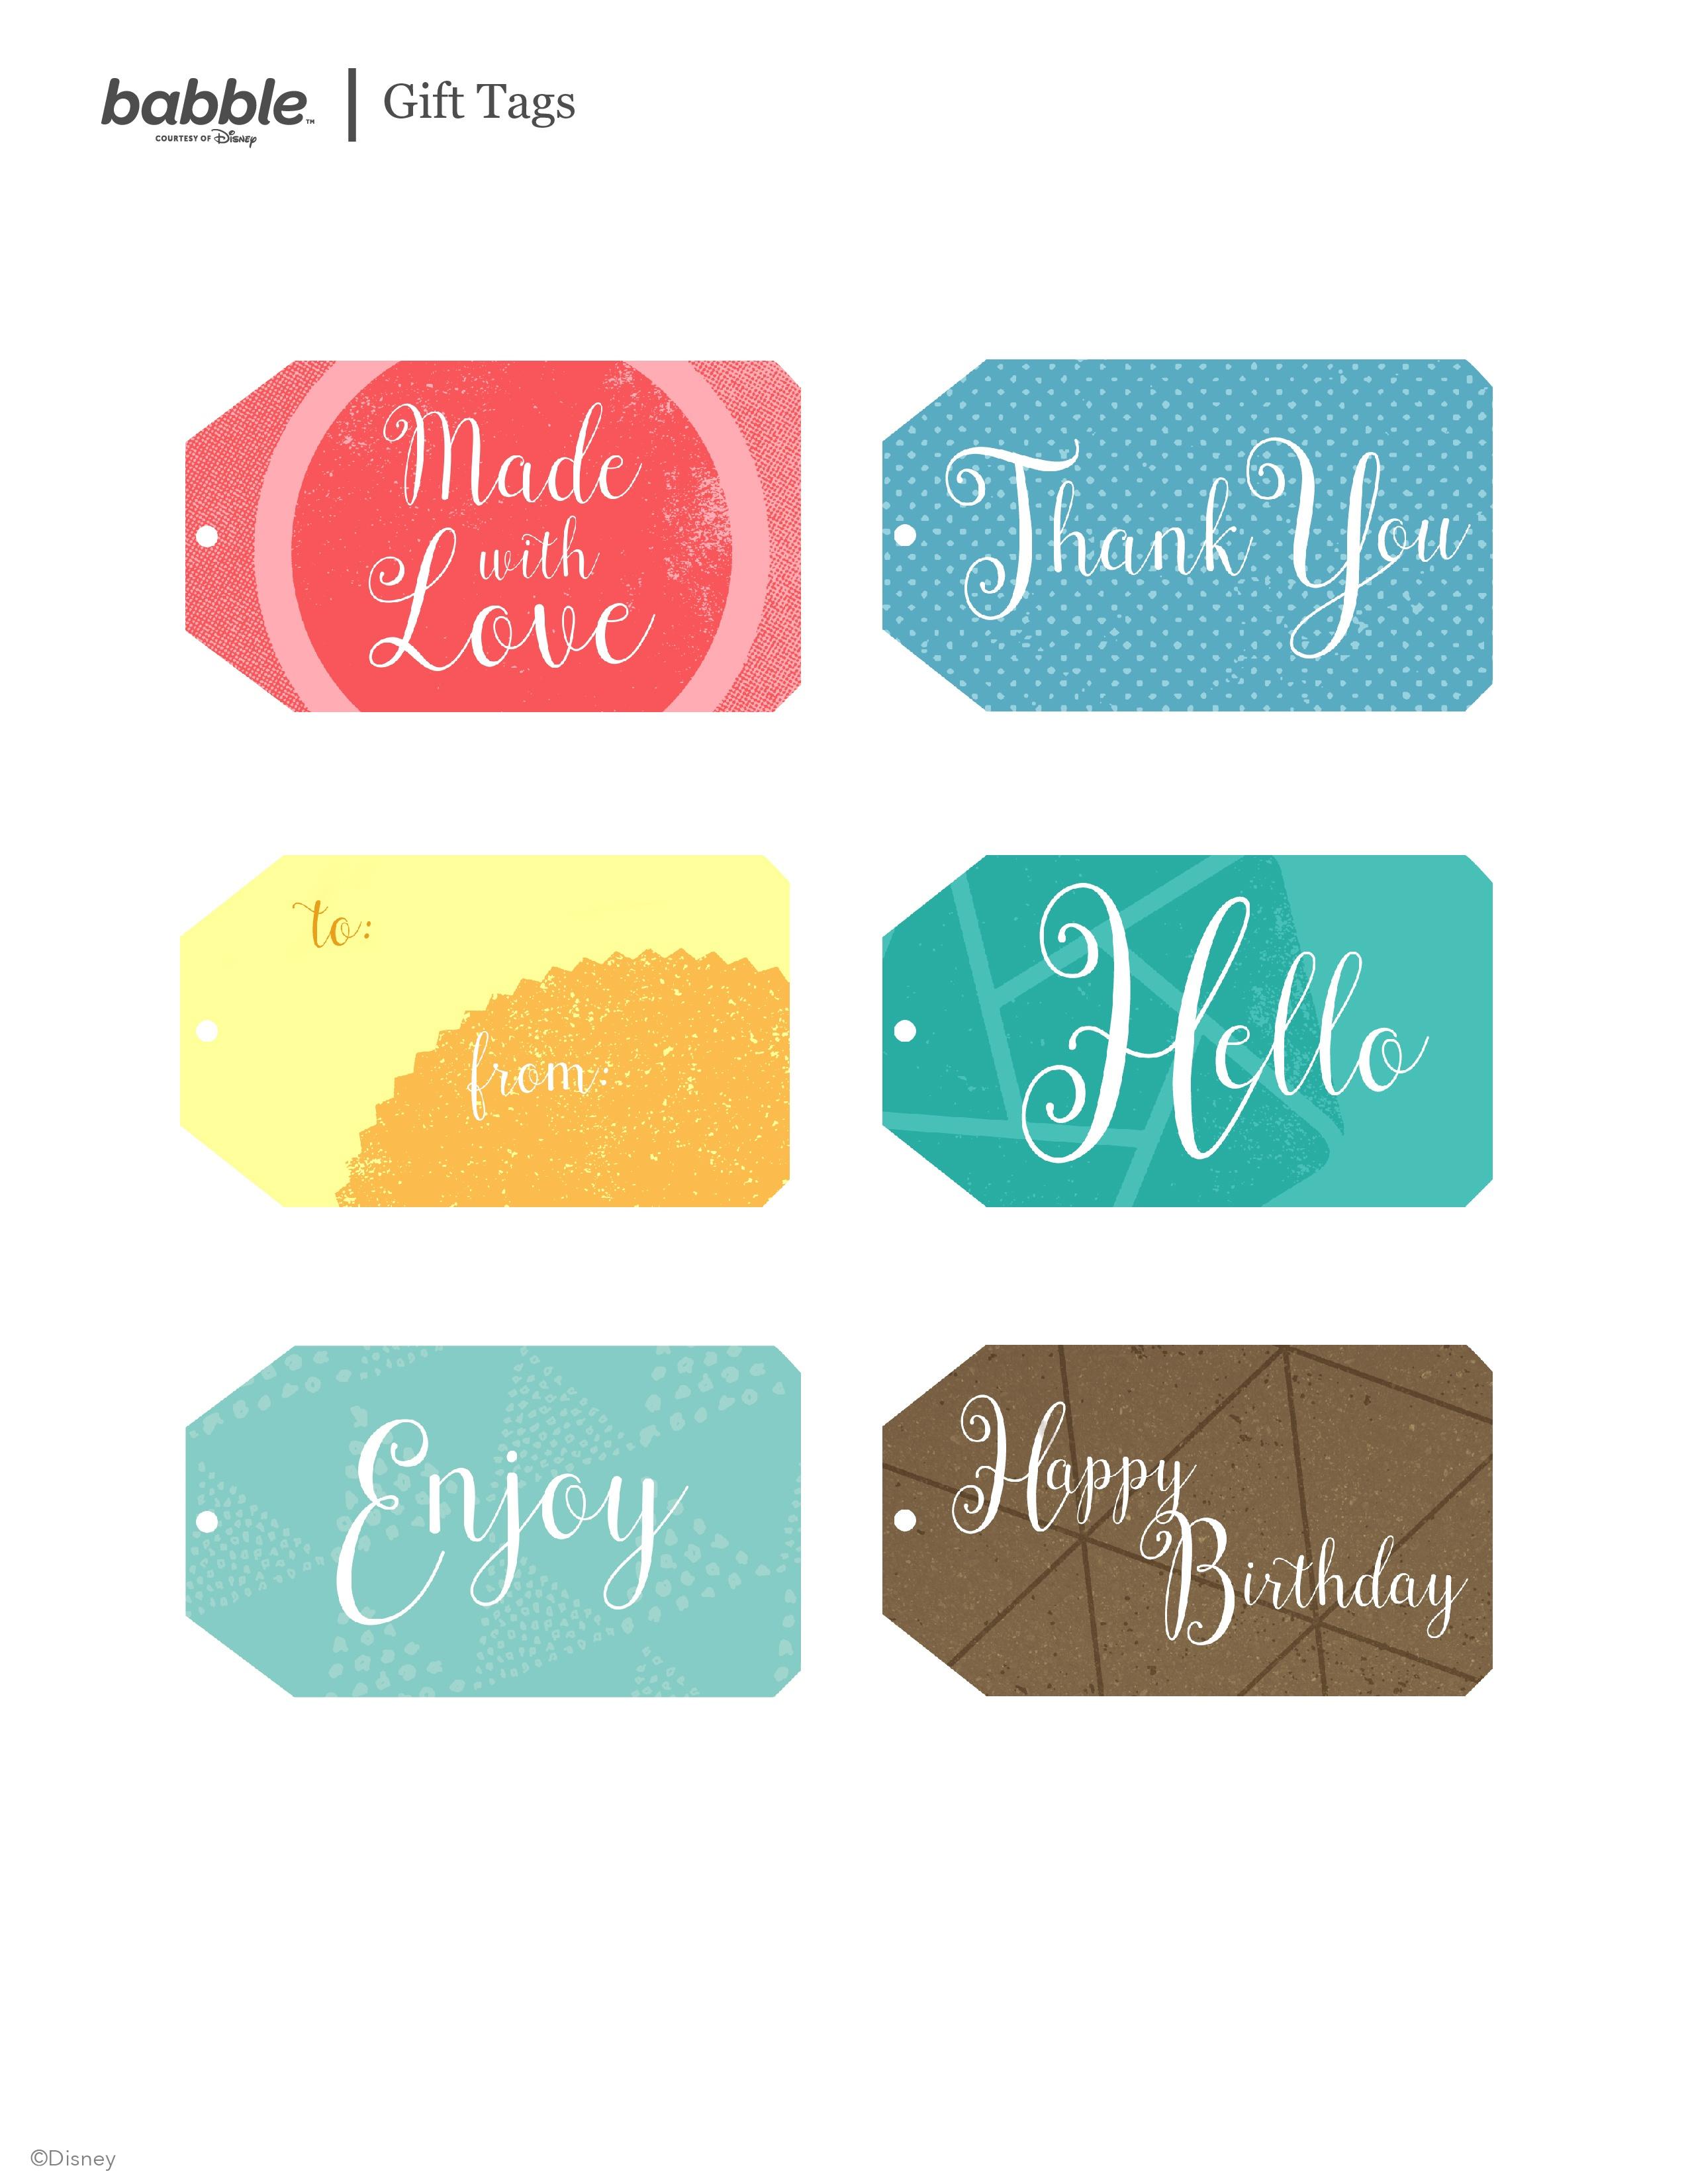 Free Printable Gift Tags | Babble - Free Printable Gift Tags